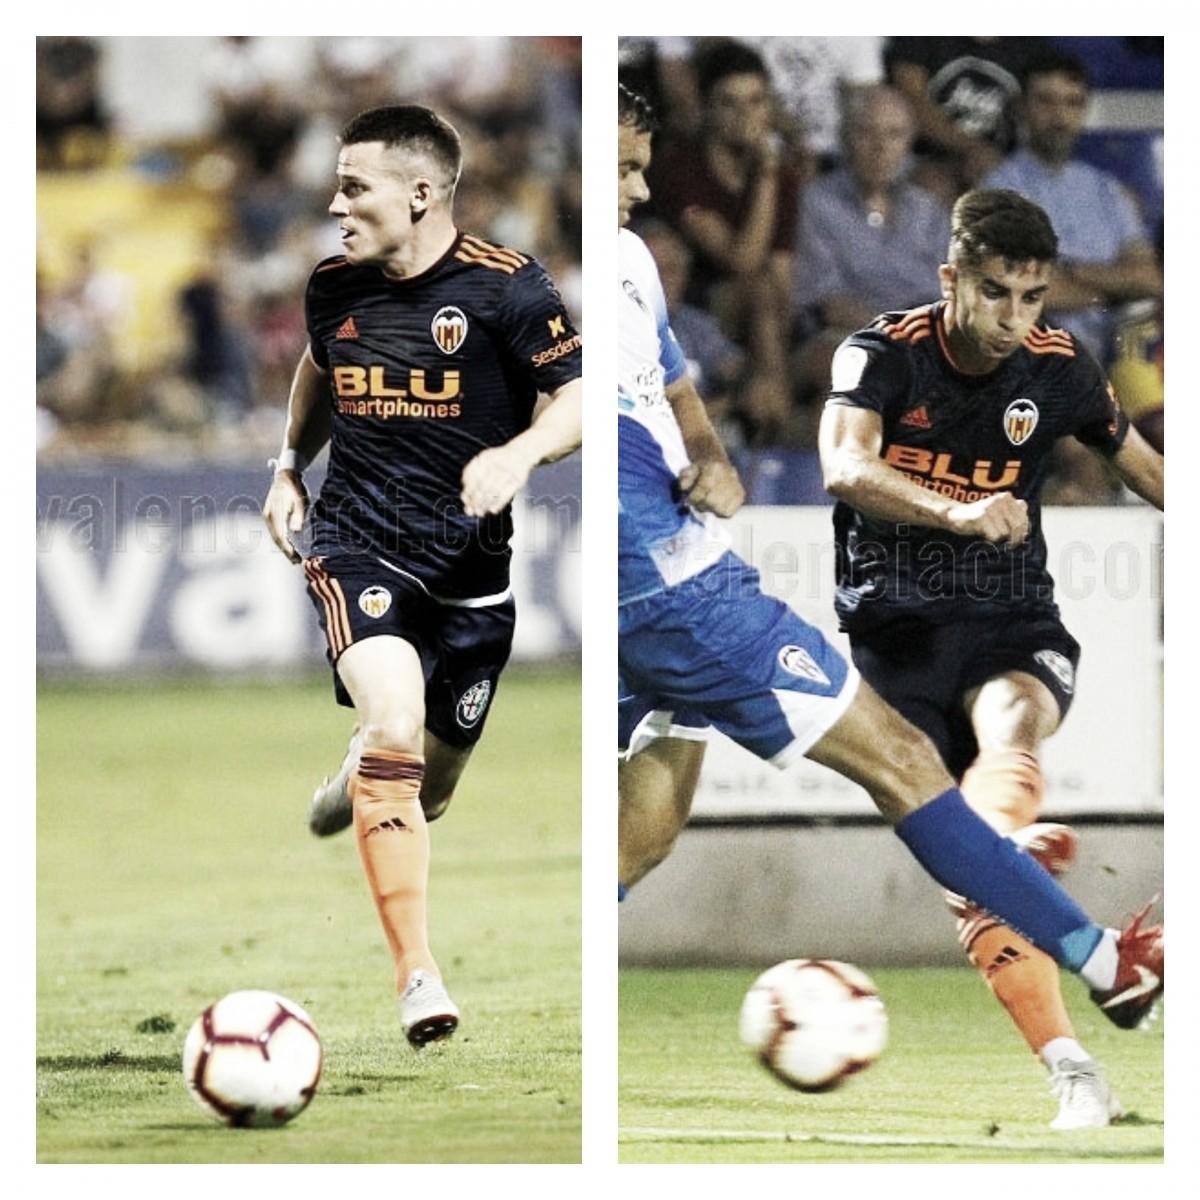 Un Valencia efectivo vence en Alcoy (0-3)